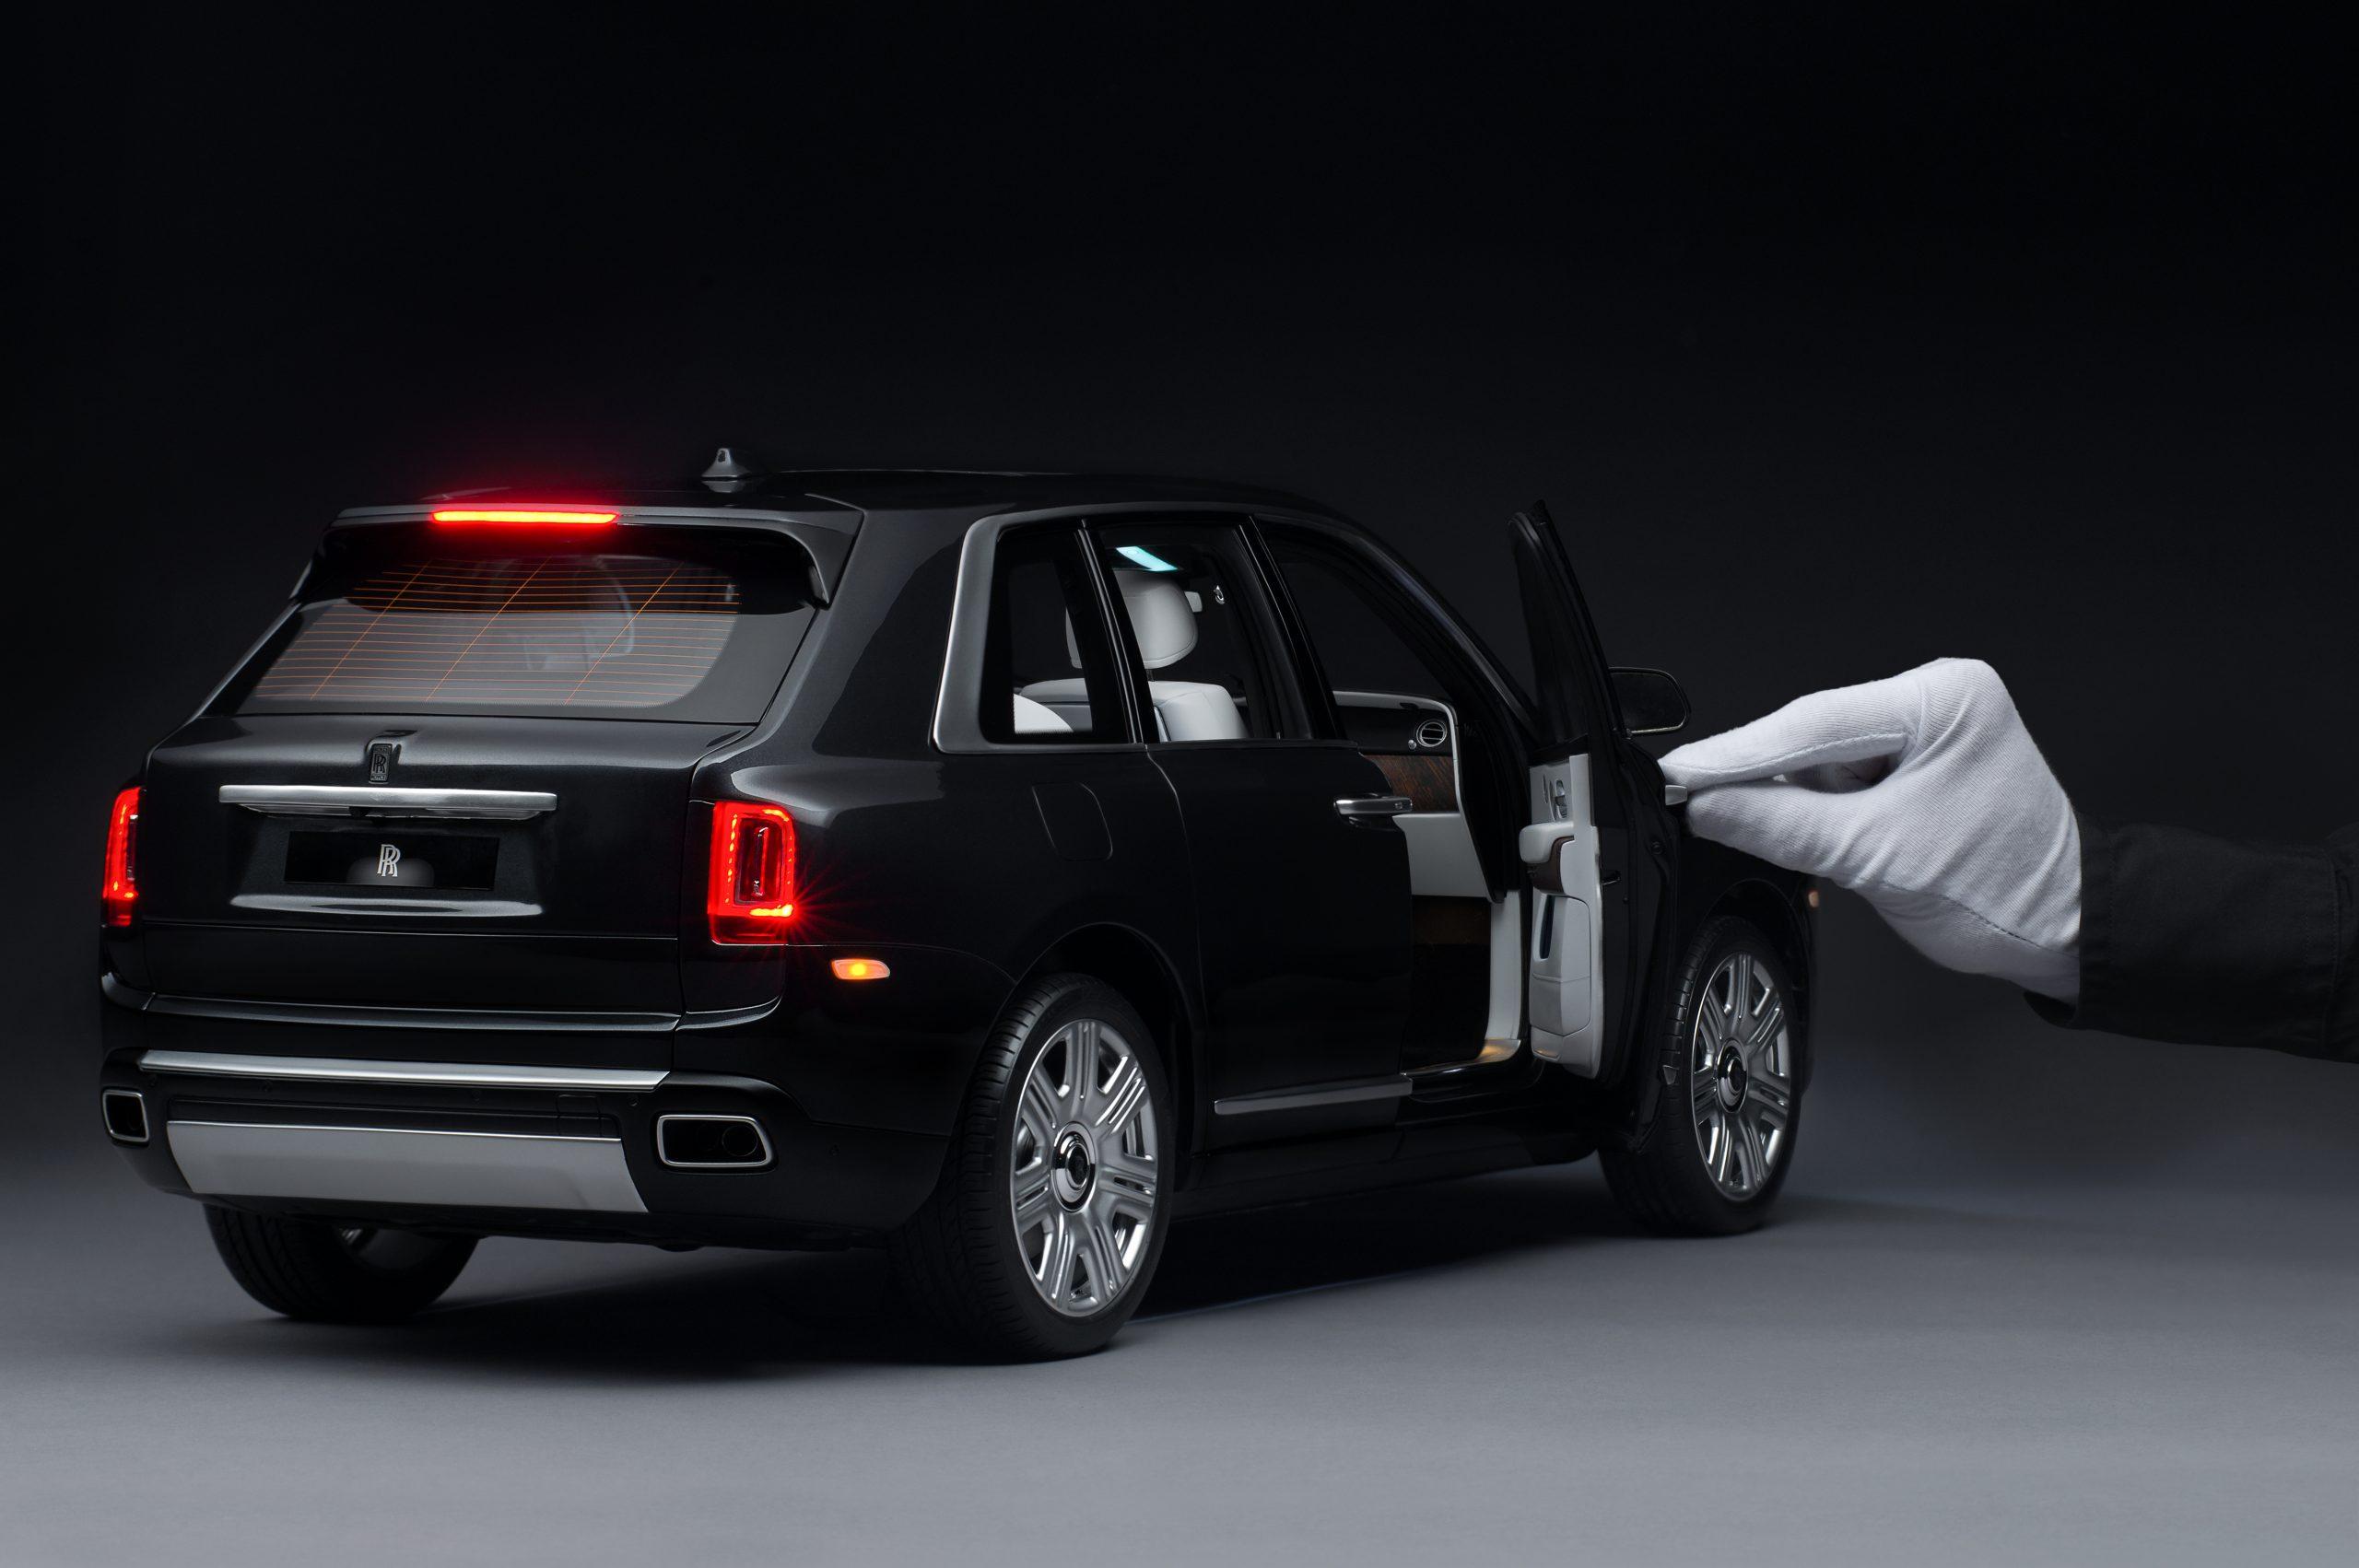 Rolls-Royce Cullinan model 4